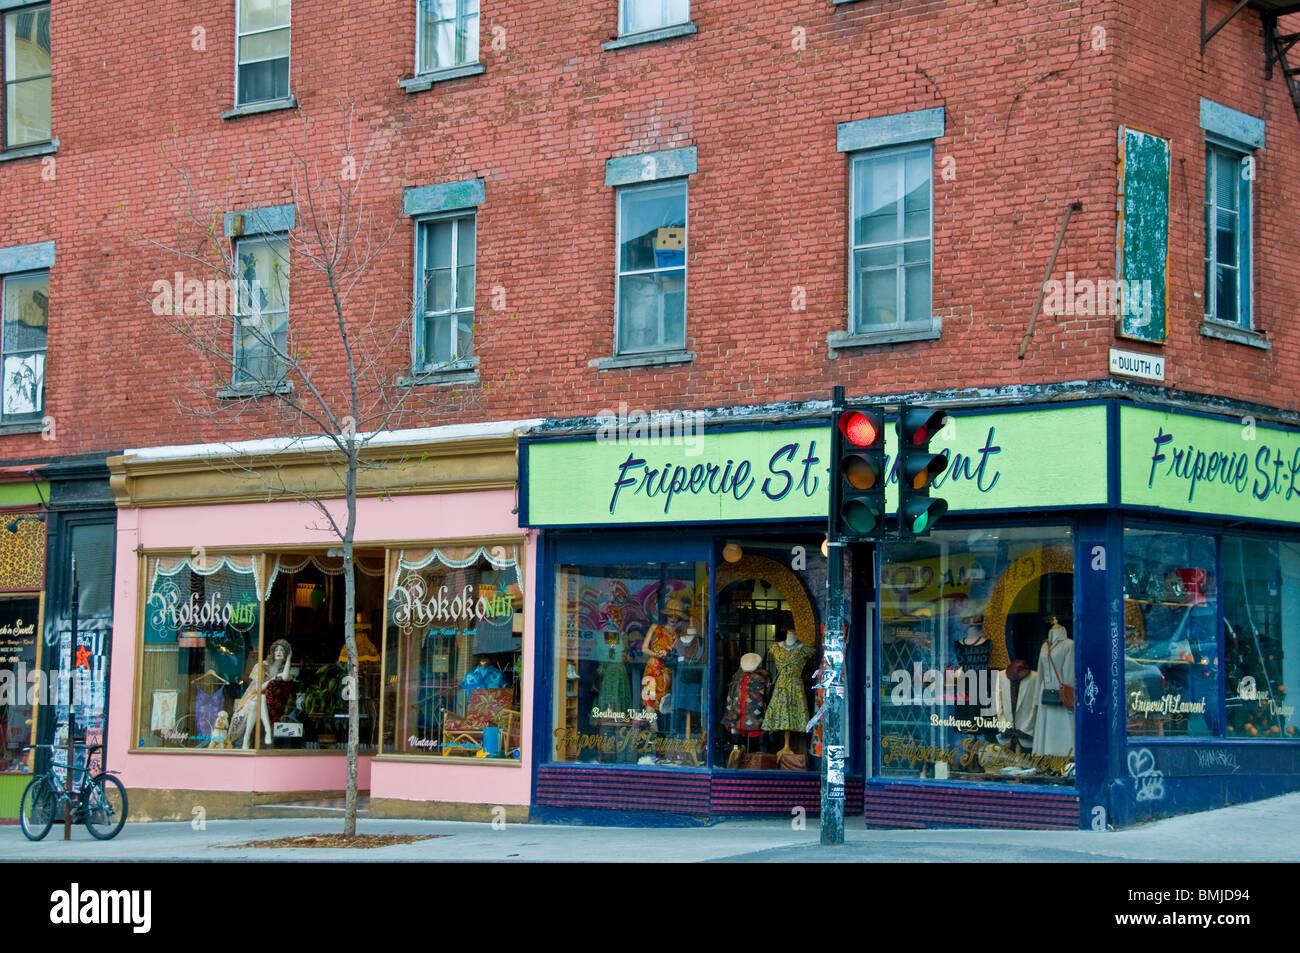 Boutiques Boulevard Saint laurent Montreal Canada - Stock Image